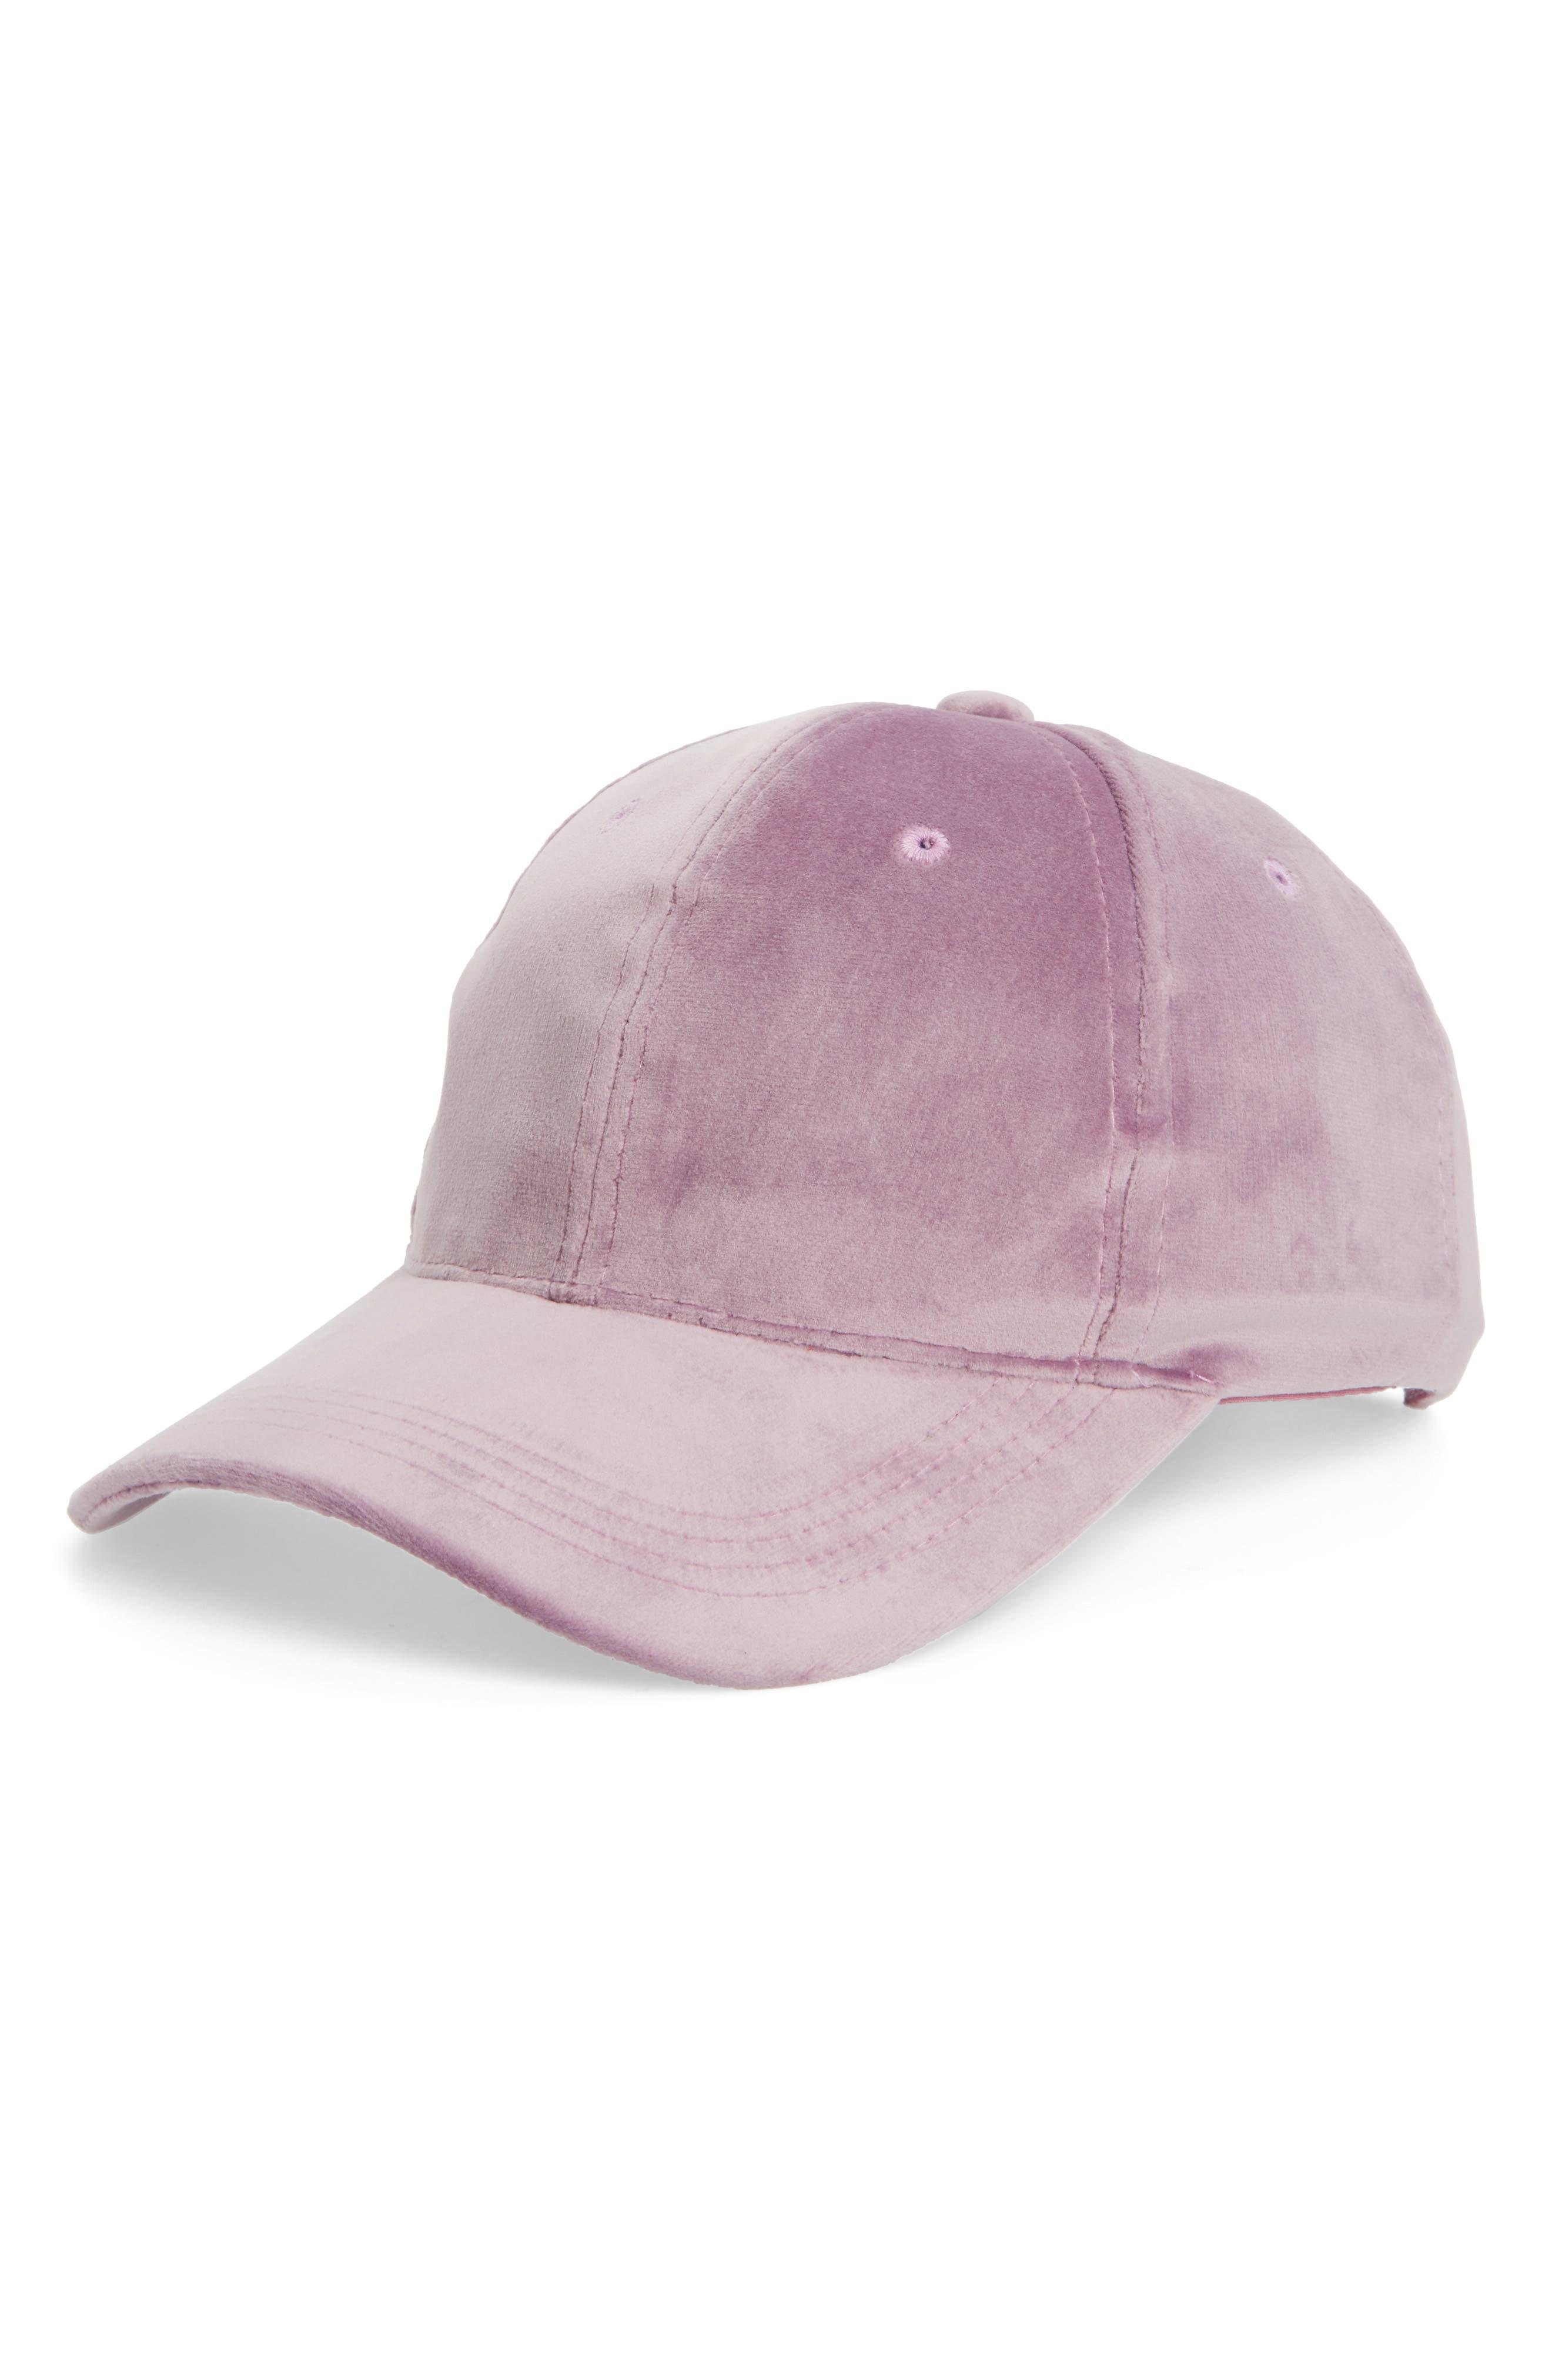 Alternate Image 1 Selected - Fantasia Velvet Ball Cap